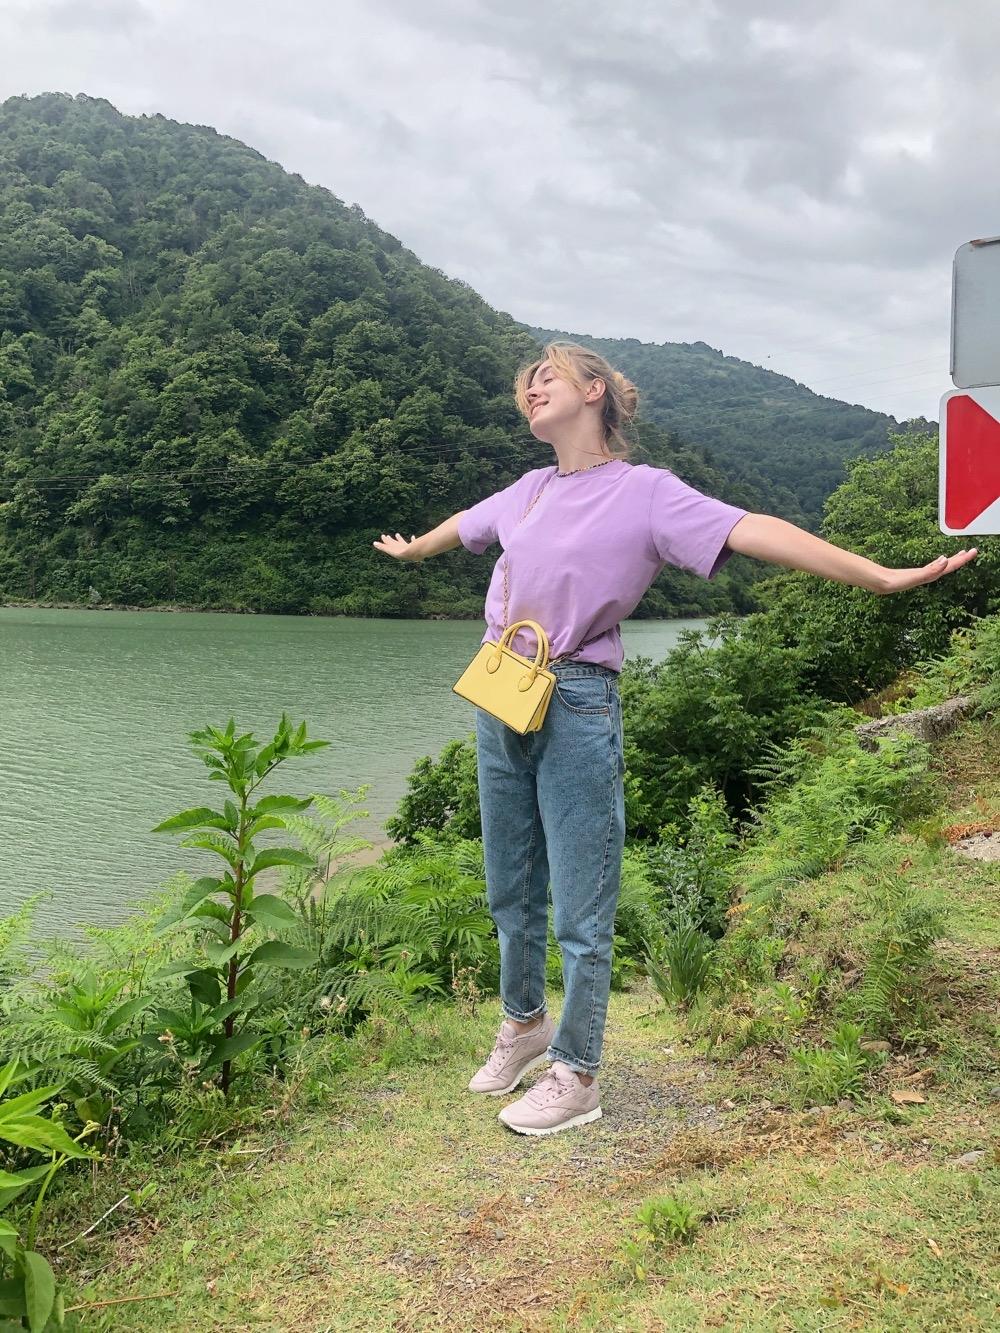 Поехали в Грузию! Планируем отдых по самым живописным местам страны - фото №2